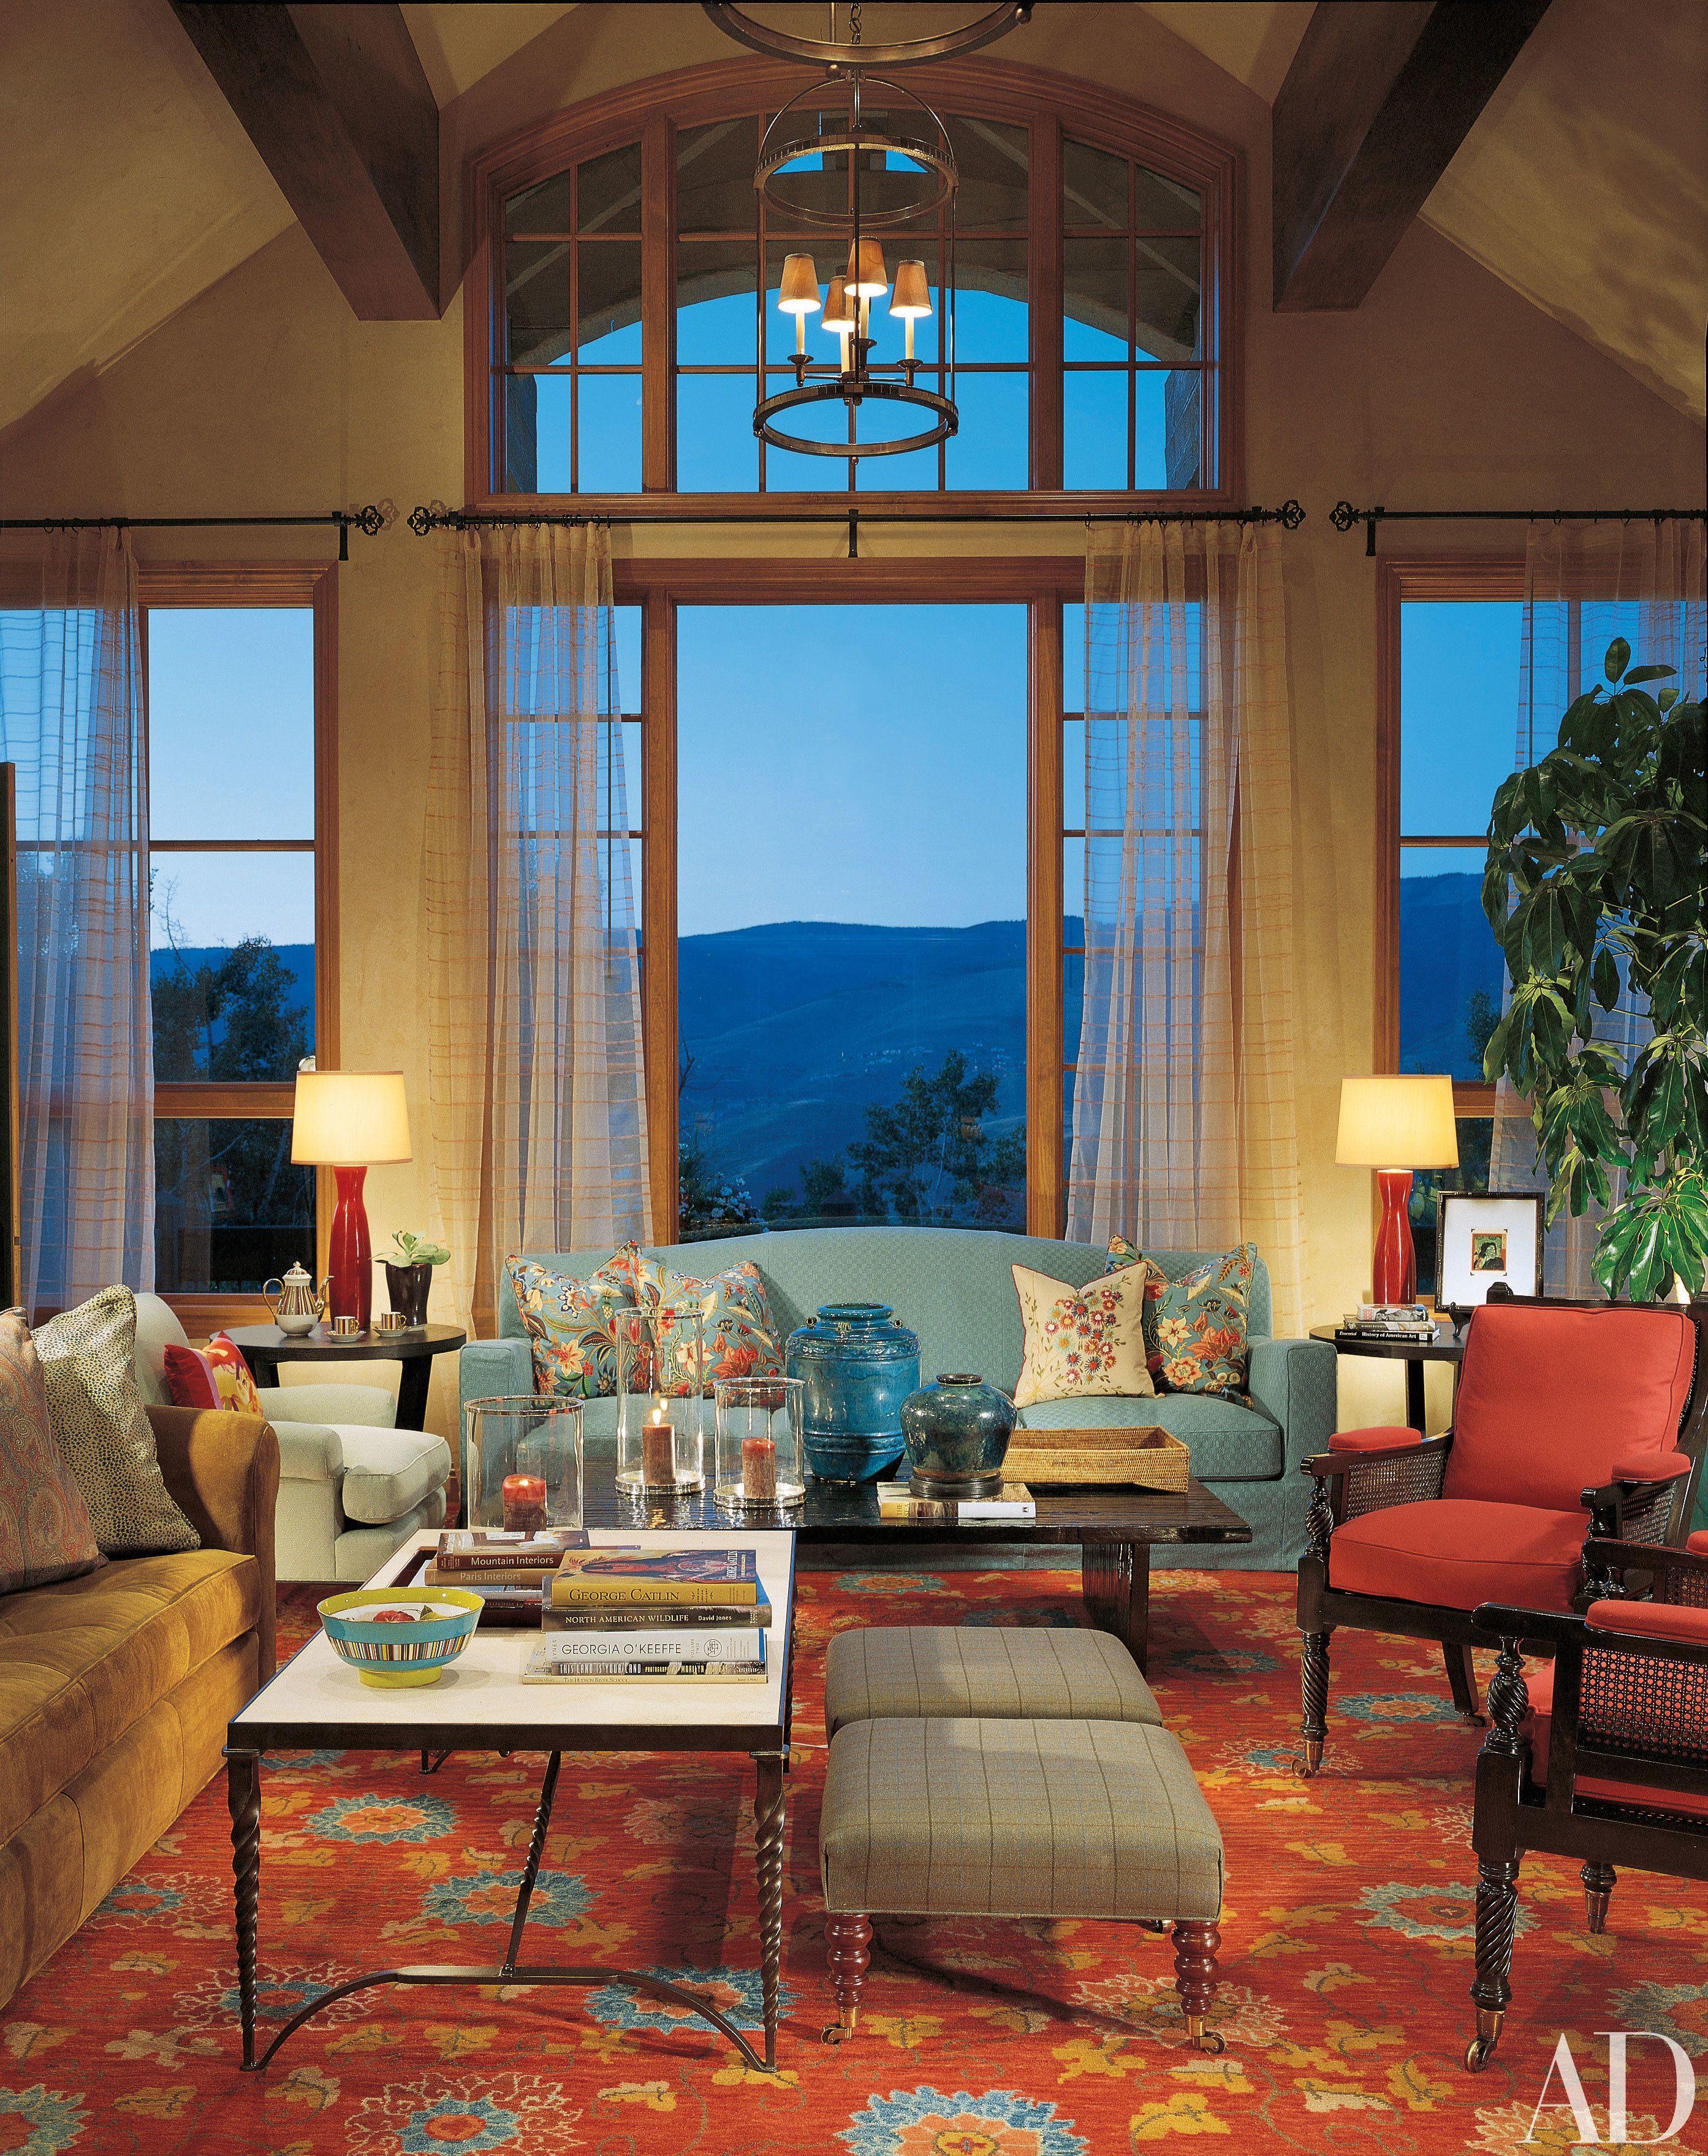 Take A Peek Inside 25 Living Rooms In Actors Homes Inside Celebrity Homes Celebrity Houses Architectural Digest